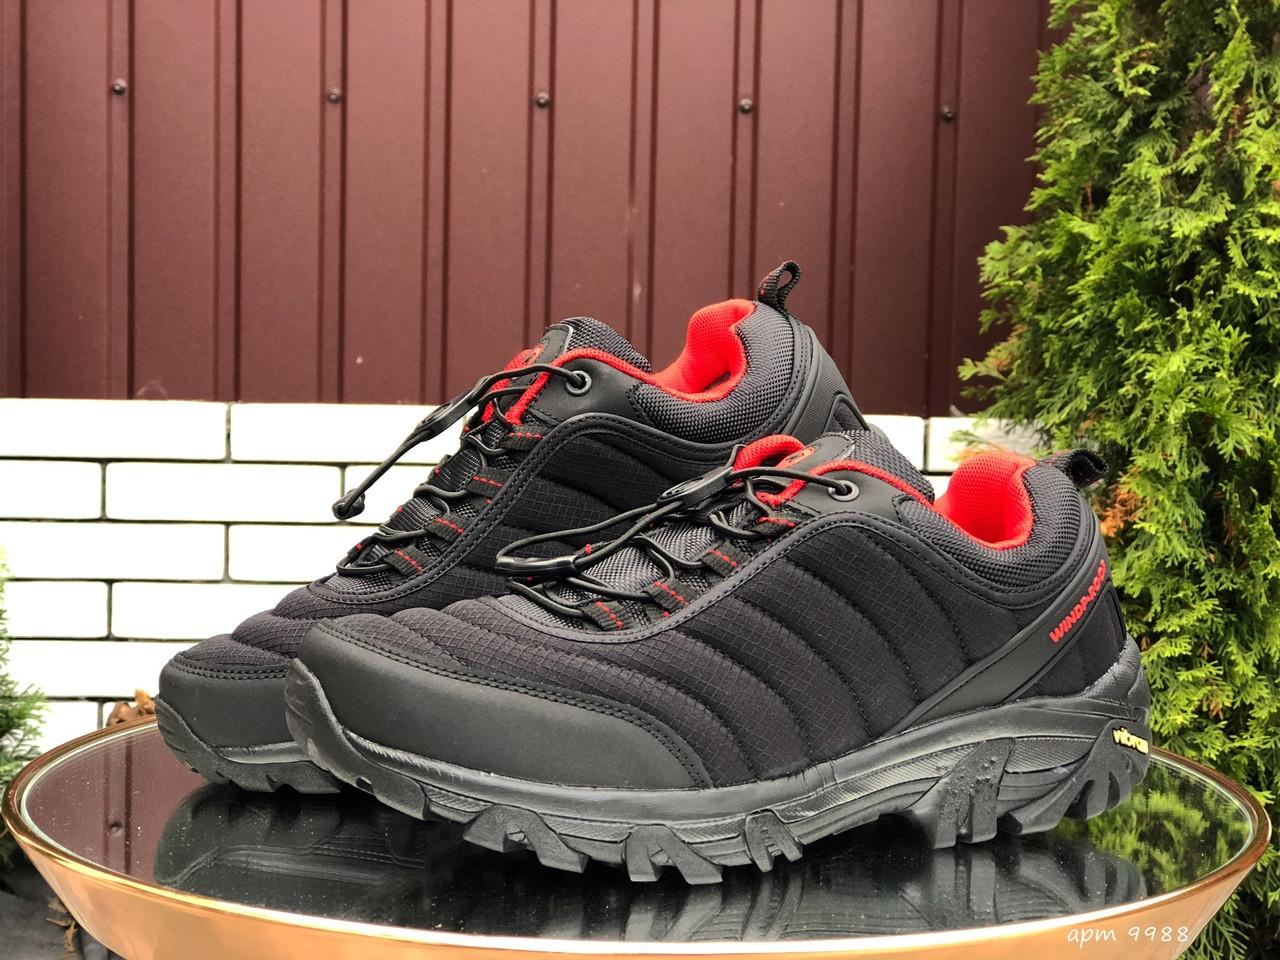 Vibram мужские зимние черные с красным кроссовки на шнурках 44